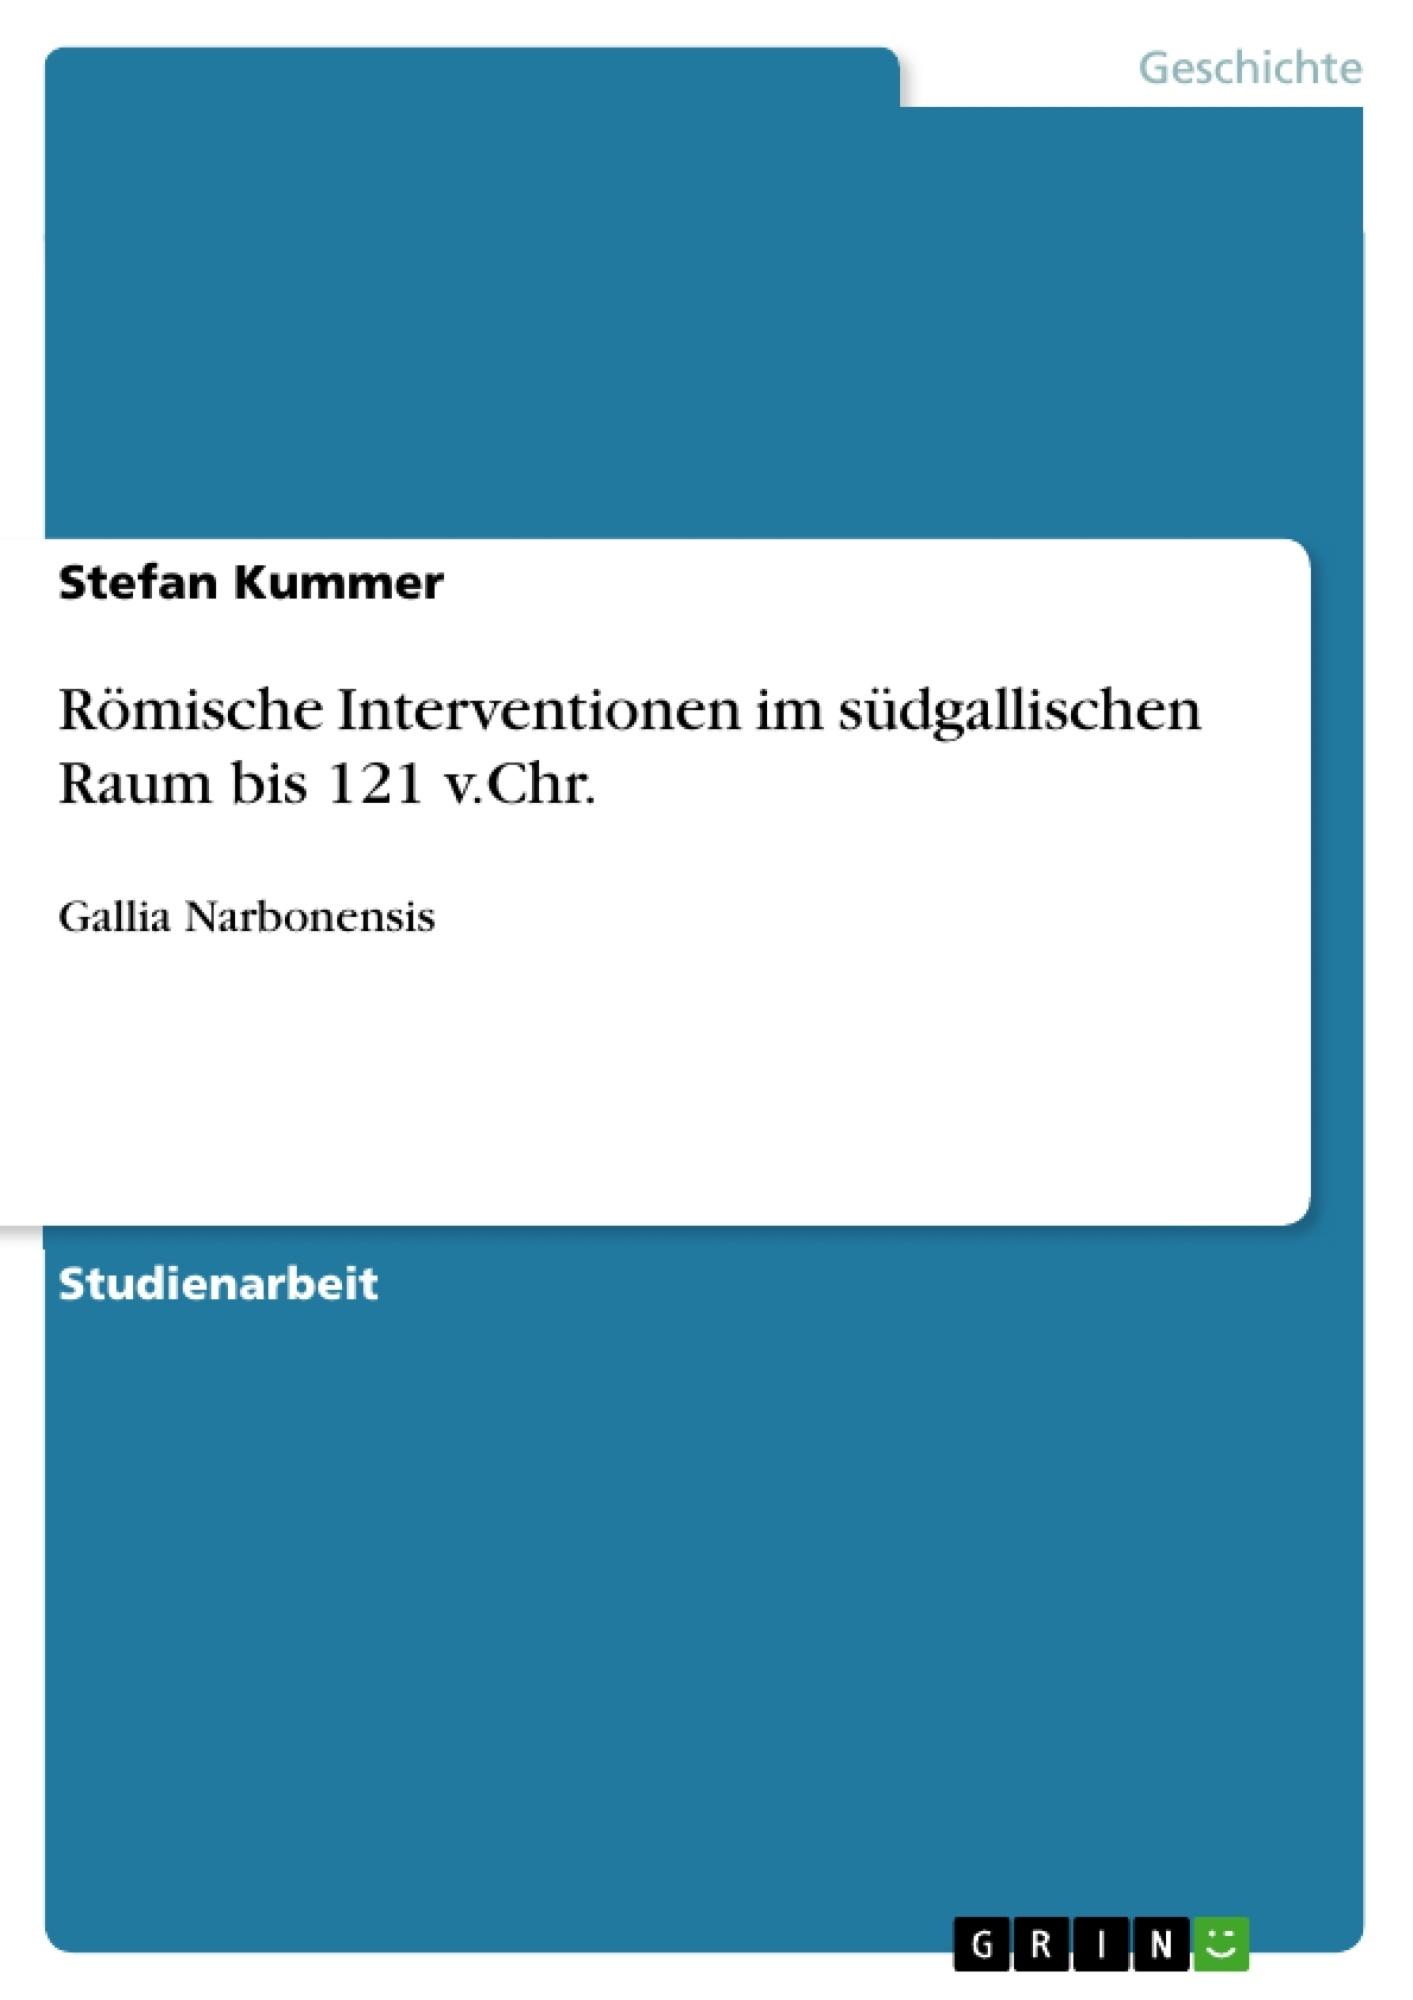 Titel: Römische Interventionen im südgallischen Raum bis 121 v.Chr.